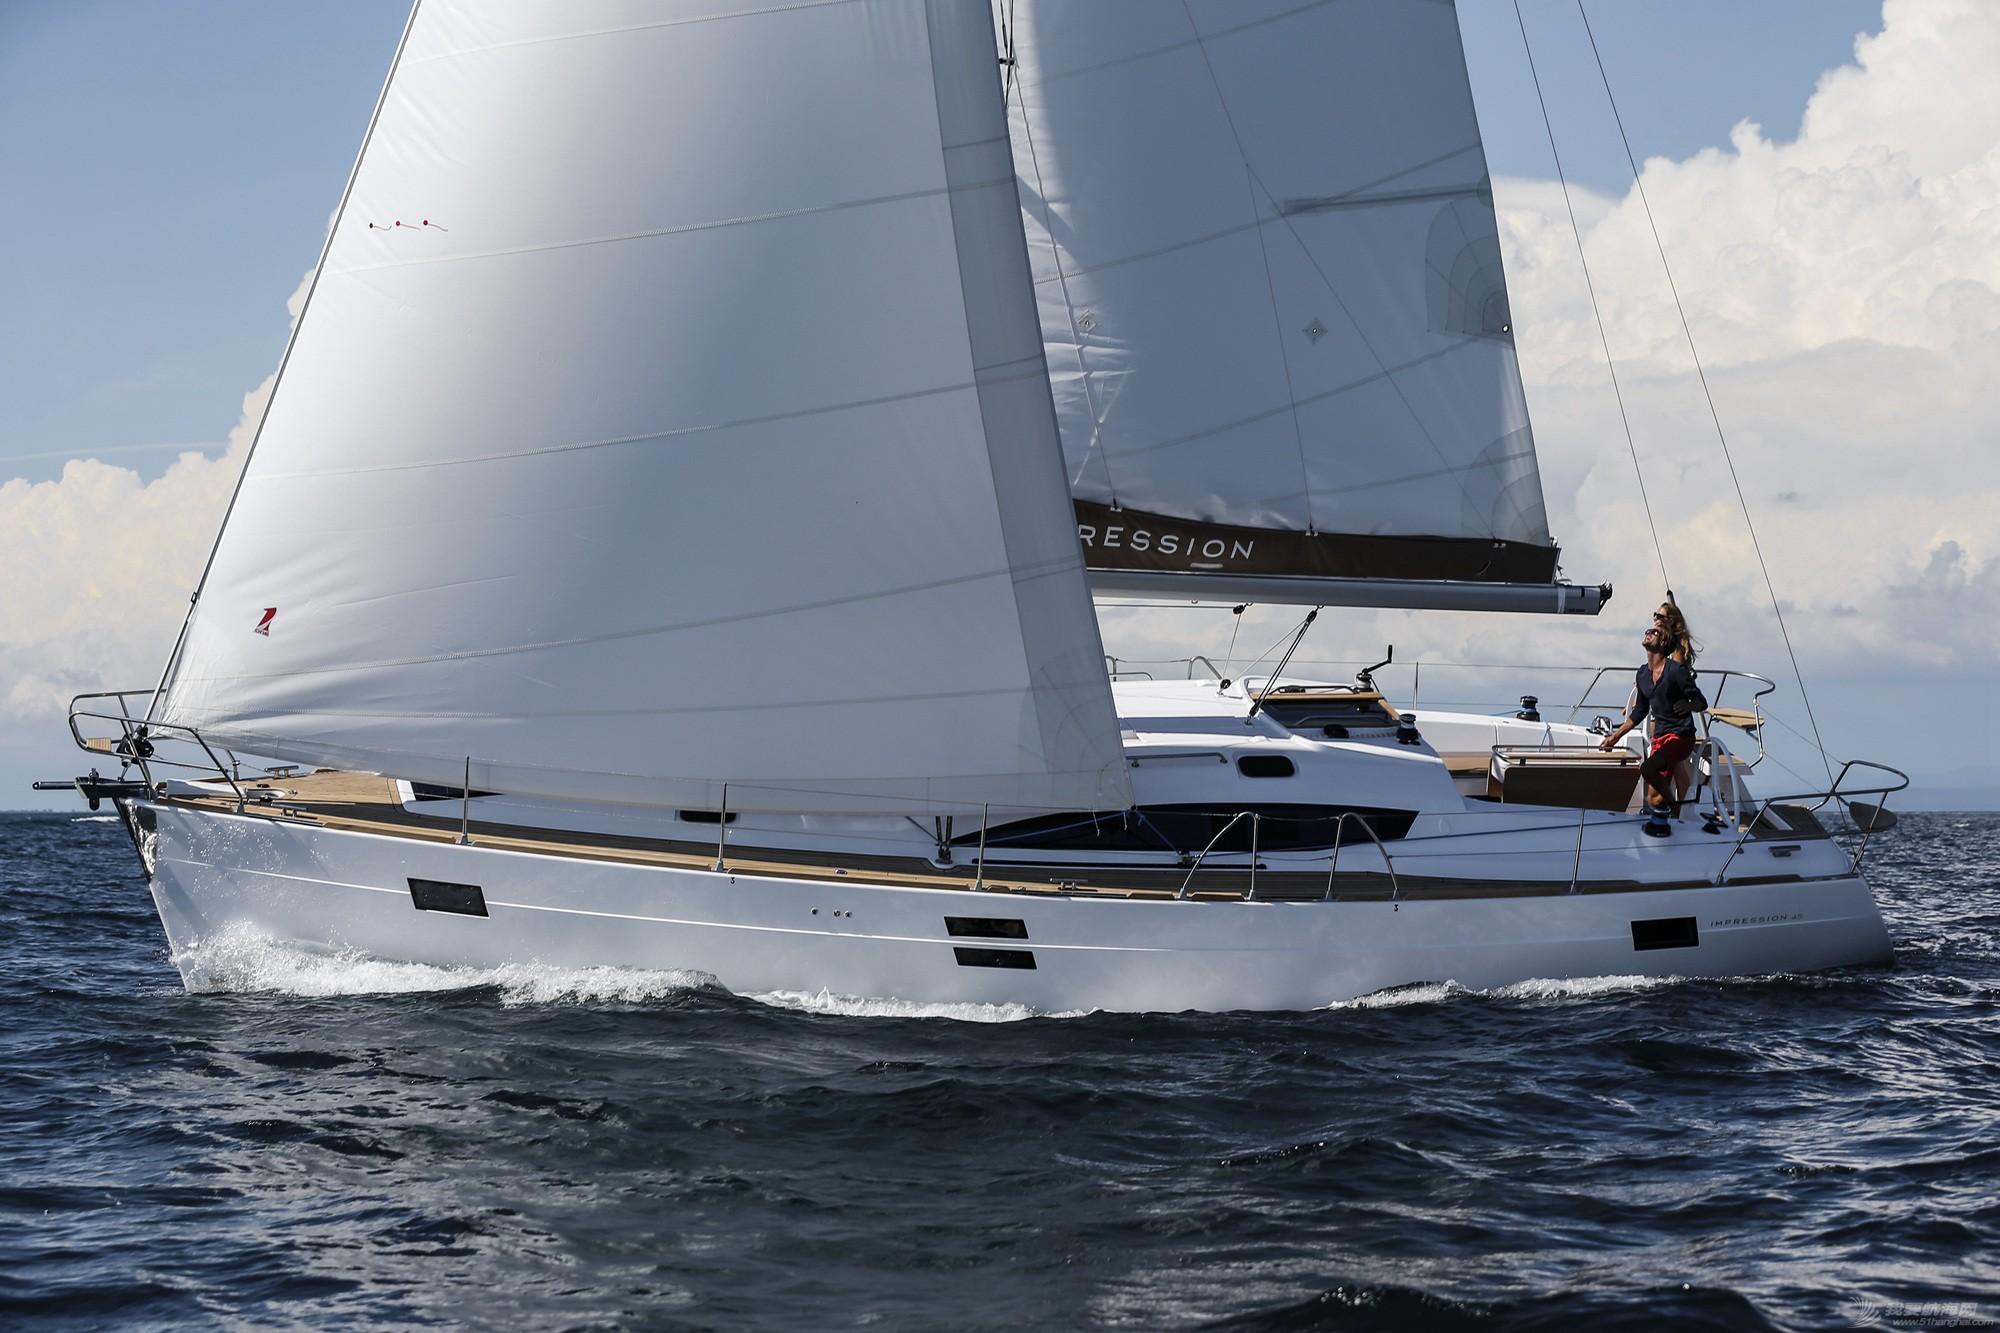 帆船,休闲,印象 elan IMPRESSION 45豪华休闲帆船 逸蓝45英尺巡航帆船 Elan帆船